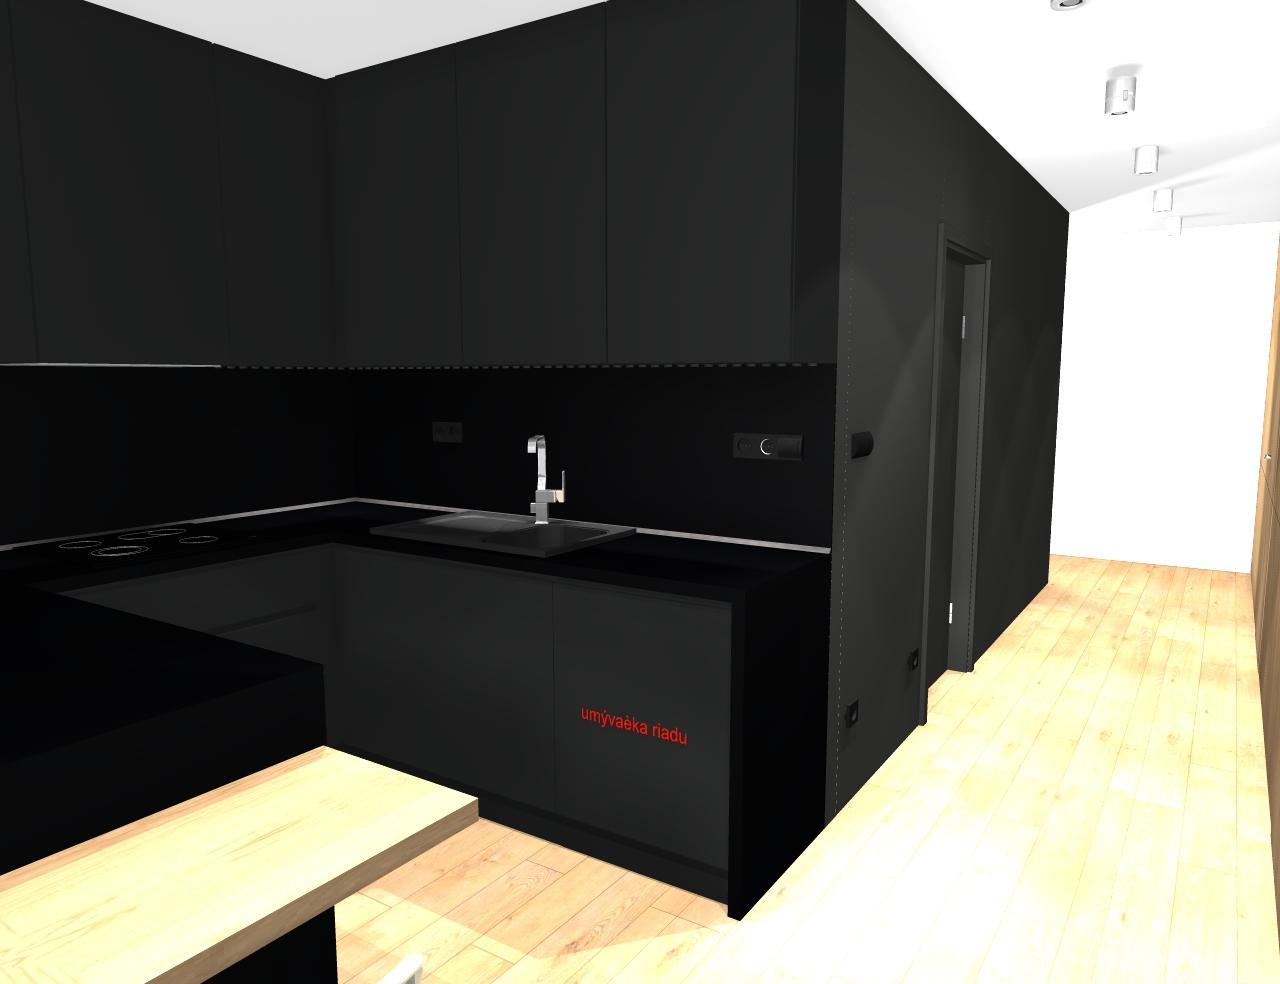 Grafické návrhy bytov - Zariadenie trojizbového bytu v BB - návrh kuchyne spojenej s obývačkou - obr.5